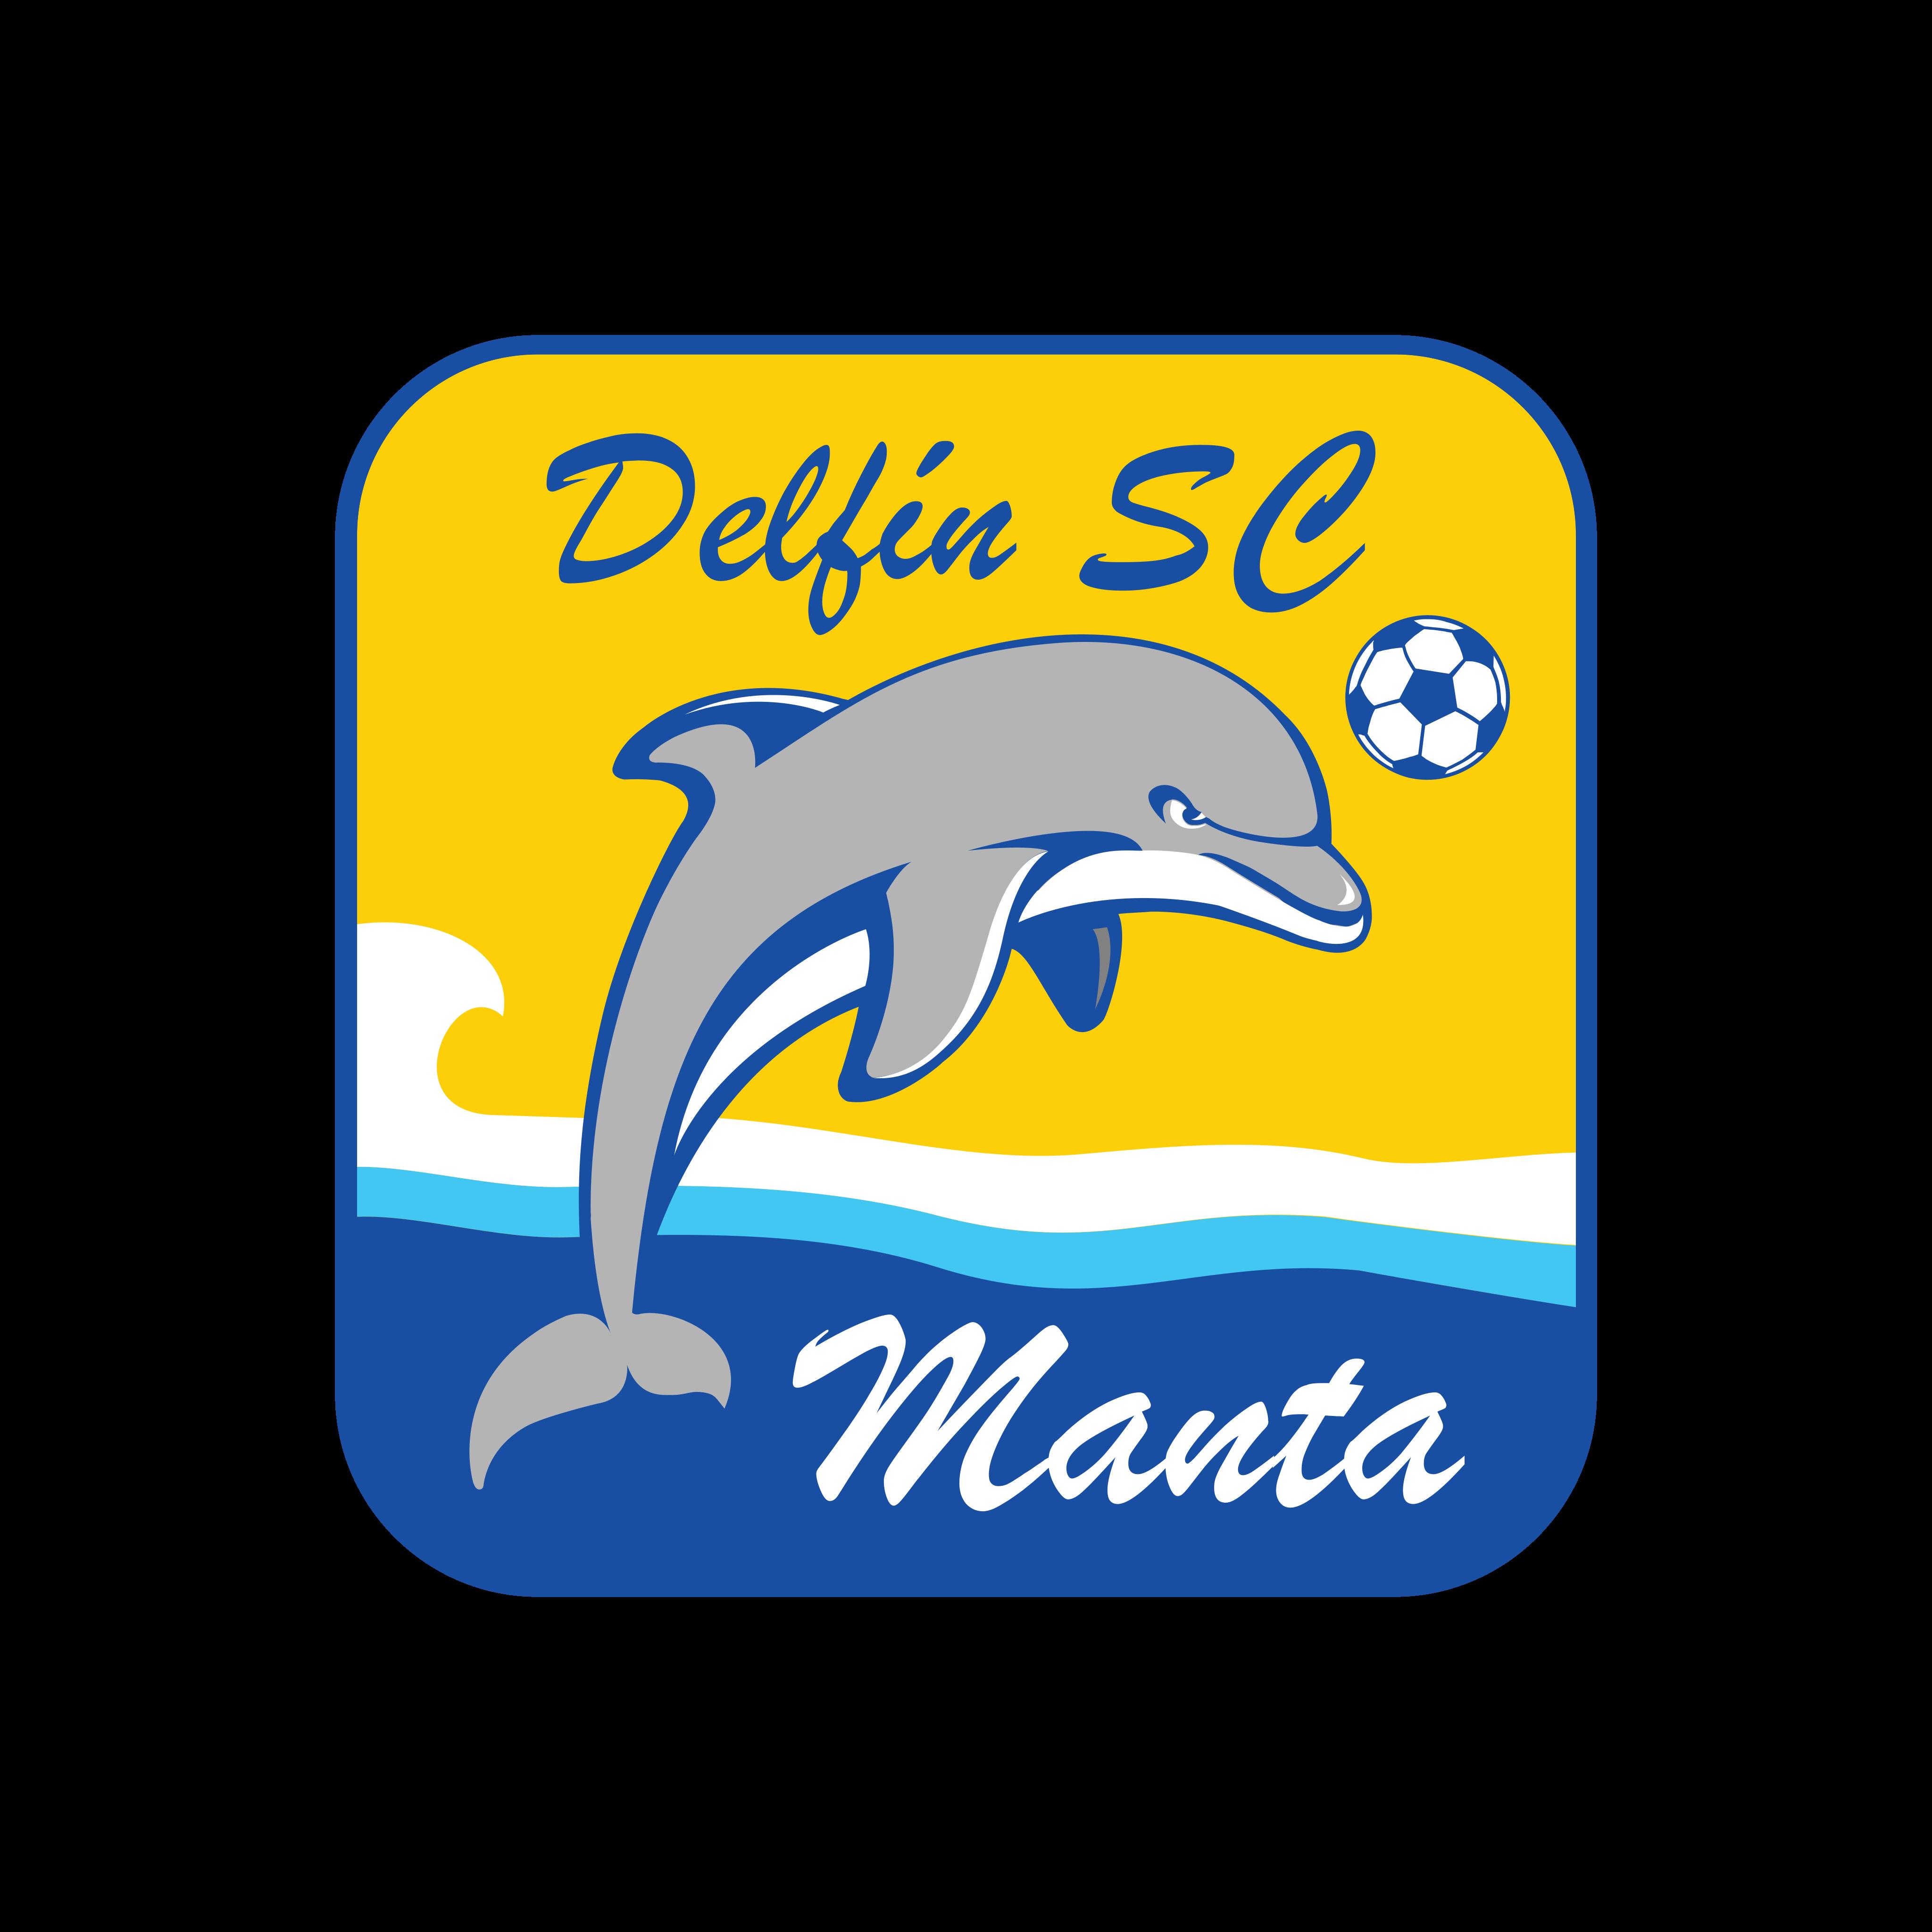 delfin sporting club logo 0 - Delfin SC Logo – Escudo